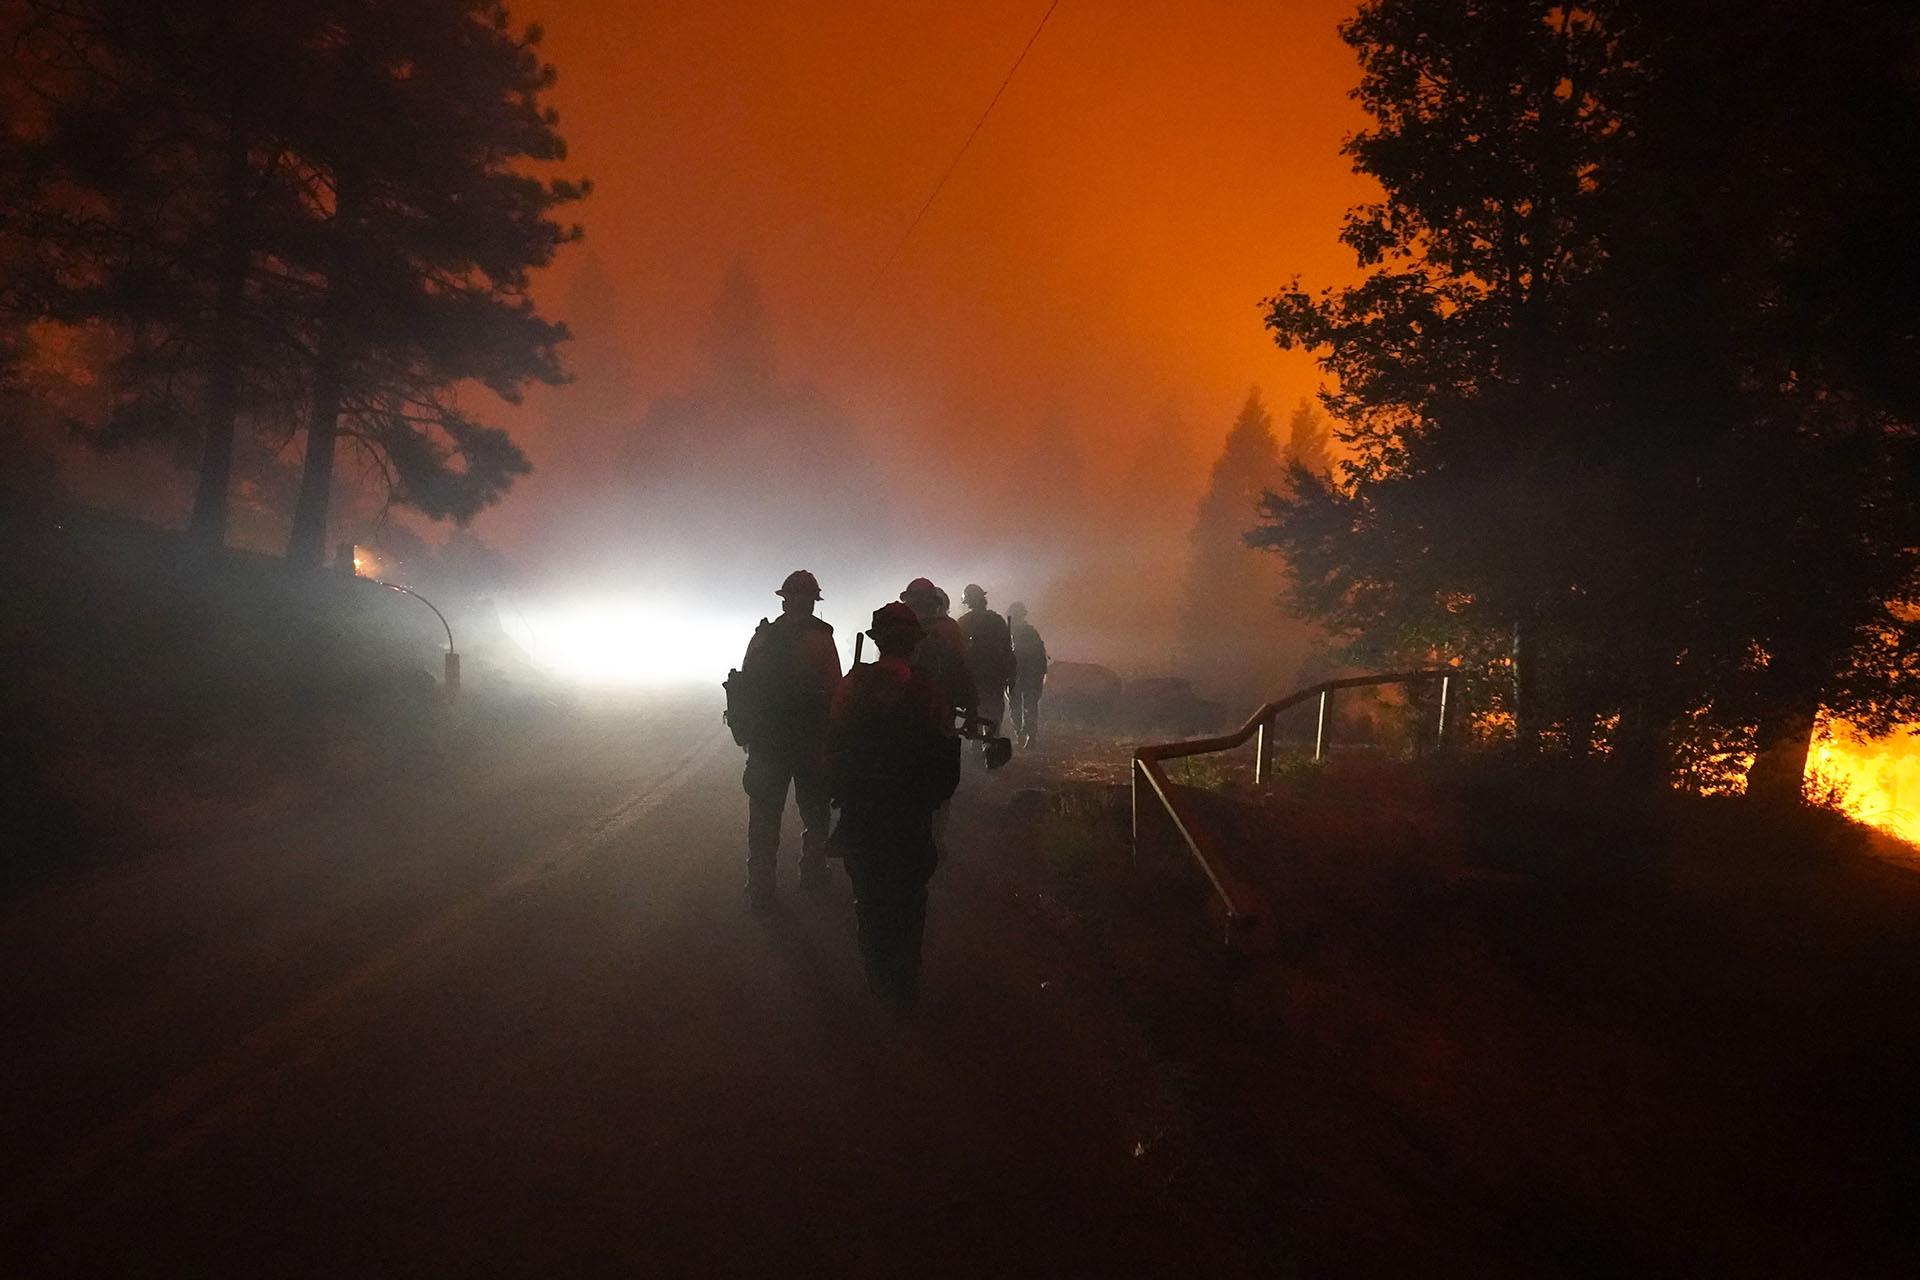 Las órdenes de evacuación estaban vigentes en todo el sur de California el lunes por la tarde. (AP/Marcio Jose Sanchez)